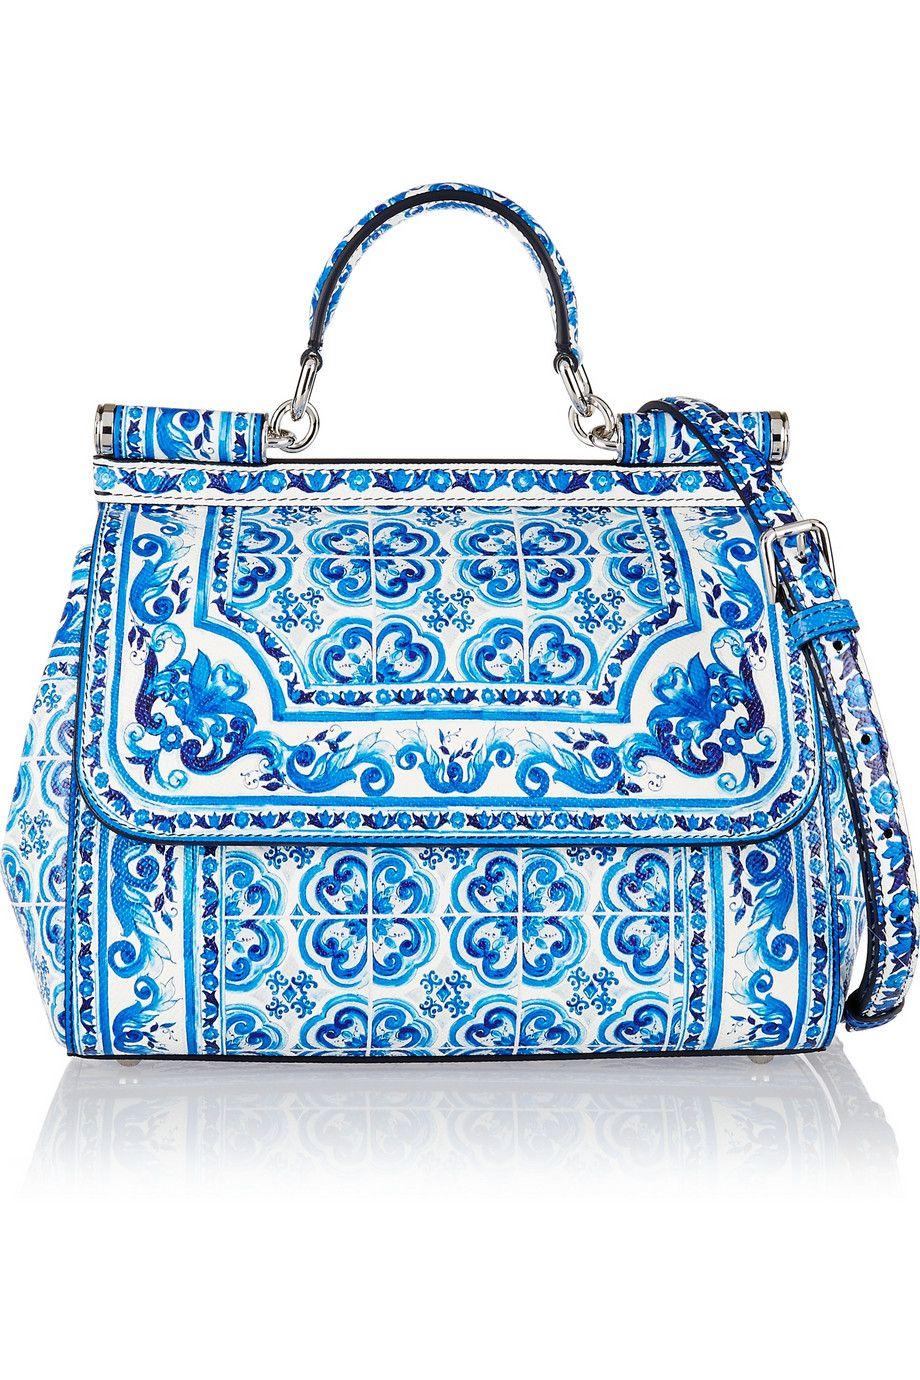 Dolce & Gabbana - Sicily printed leather shoulder bag